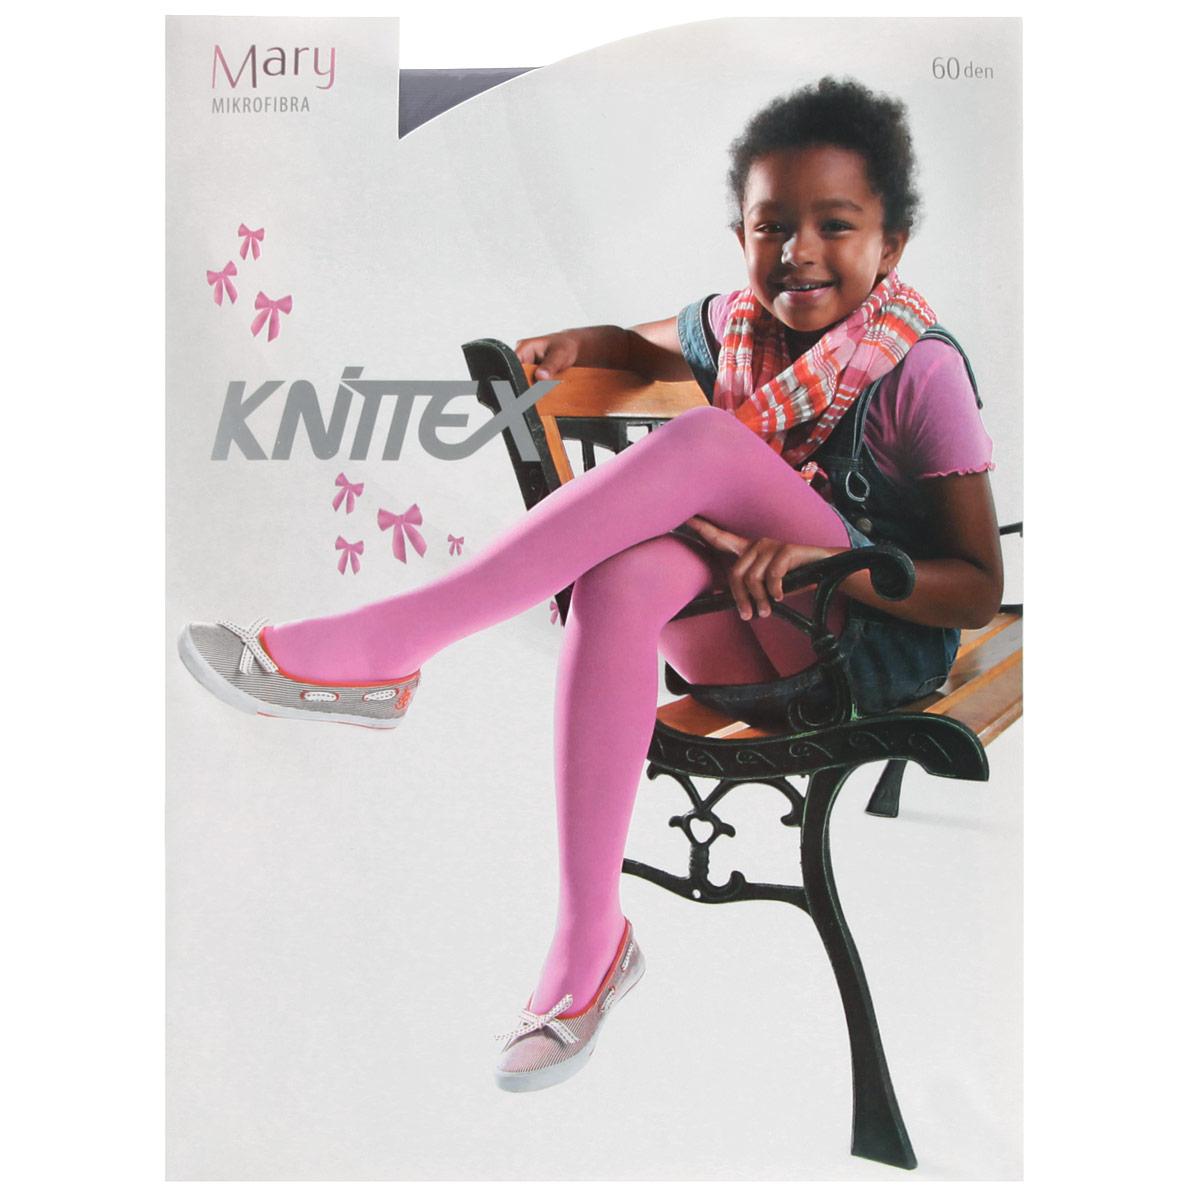 Колготки для девочки Knittex Miss Mary, цвет: светло-серый. RDZMARY_3. Размер 116/122, 6-7 летRDZMARY_3Классические детские колготки Knittex Miss Mary изготовлены специально для девочек. Мягкие и приятные на ощупь колготки имеют широкую резинку и комфортные плоские швы. Теплые и прочные, эти колготки равномерно облегают ножки, не сдавливая и не доставляя дискомфорта. Эластичные швы и мягкая резинка на поясе не позволят колготам сползать и при этом не будут стеснять движений. Входящие в состав ткани полиамид и эластан предотвращают растяжение и деформацию после стирки.Однотонная расцветка позволит сочетать эти колготки с любыми нарядами маленькой модницы.Классические колготки - это идеальное решение на каждый день для прогулки, школы, яслей или садика. Такие колготки станут великолепным дополнением к гардеробу вашей красавицы.